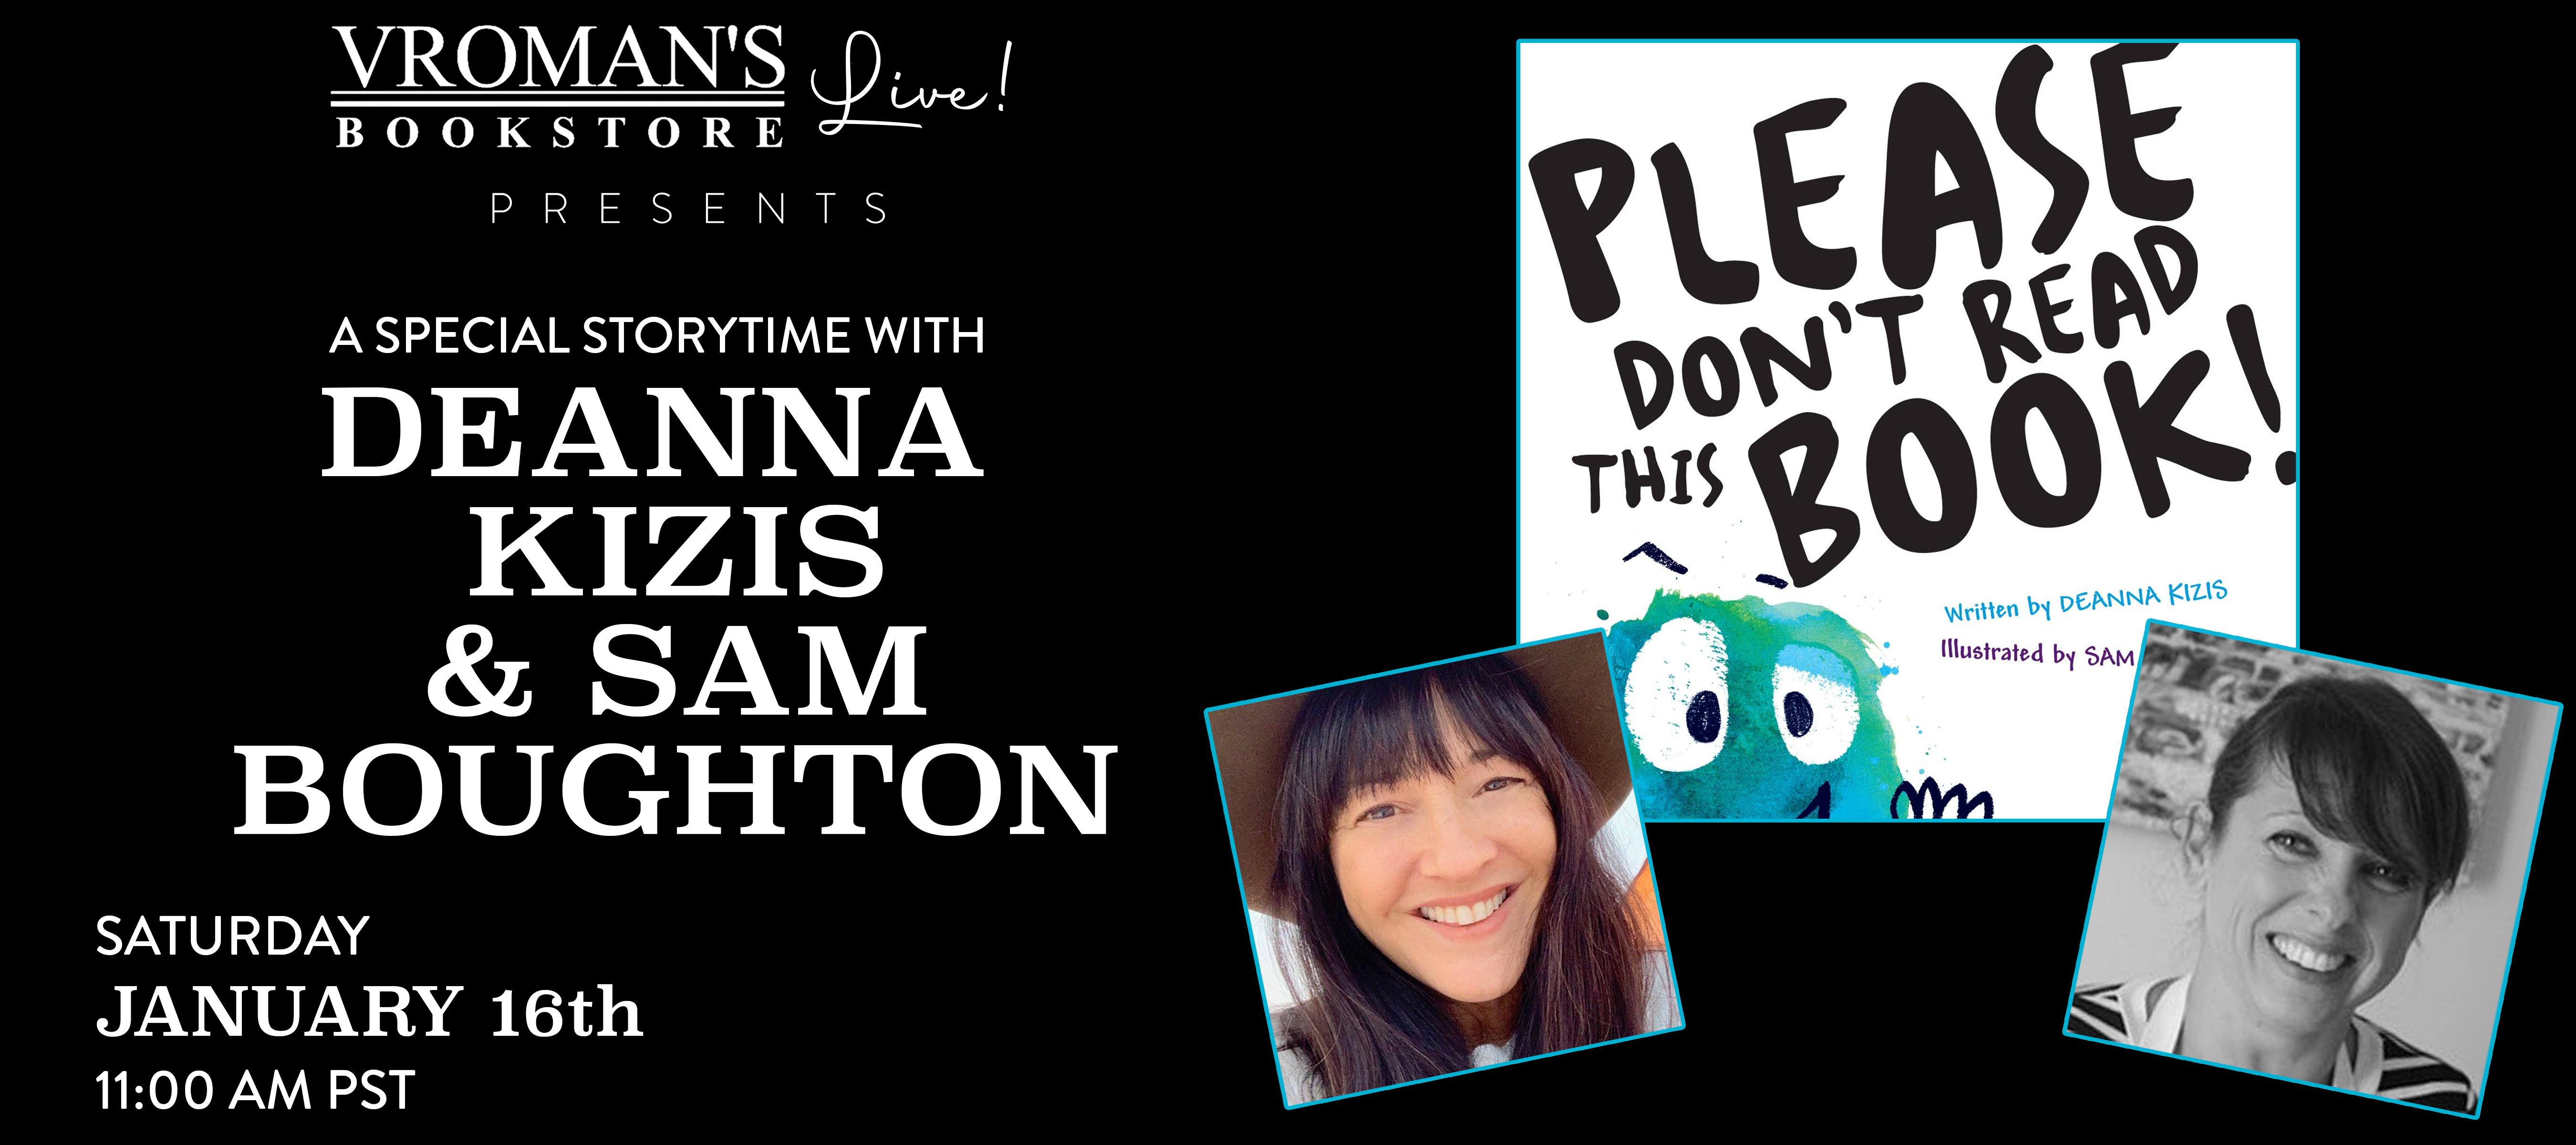 event banner for Deanna Kizis & Sam Boughton